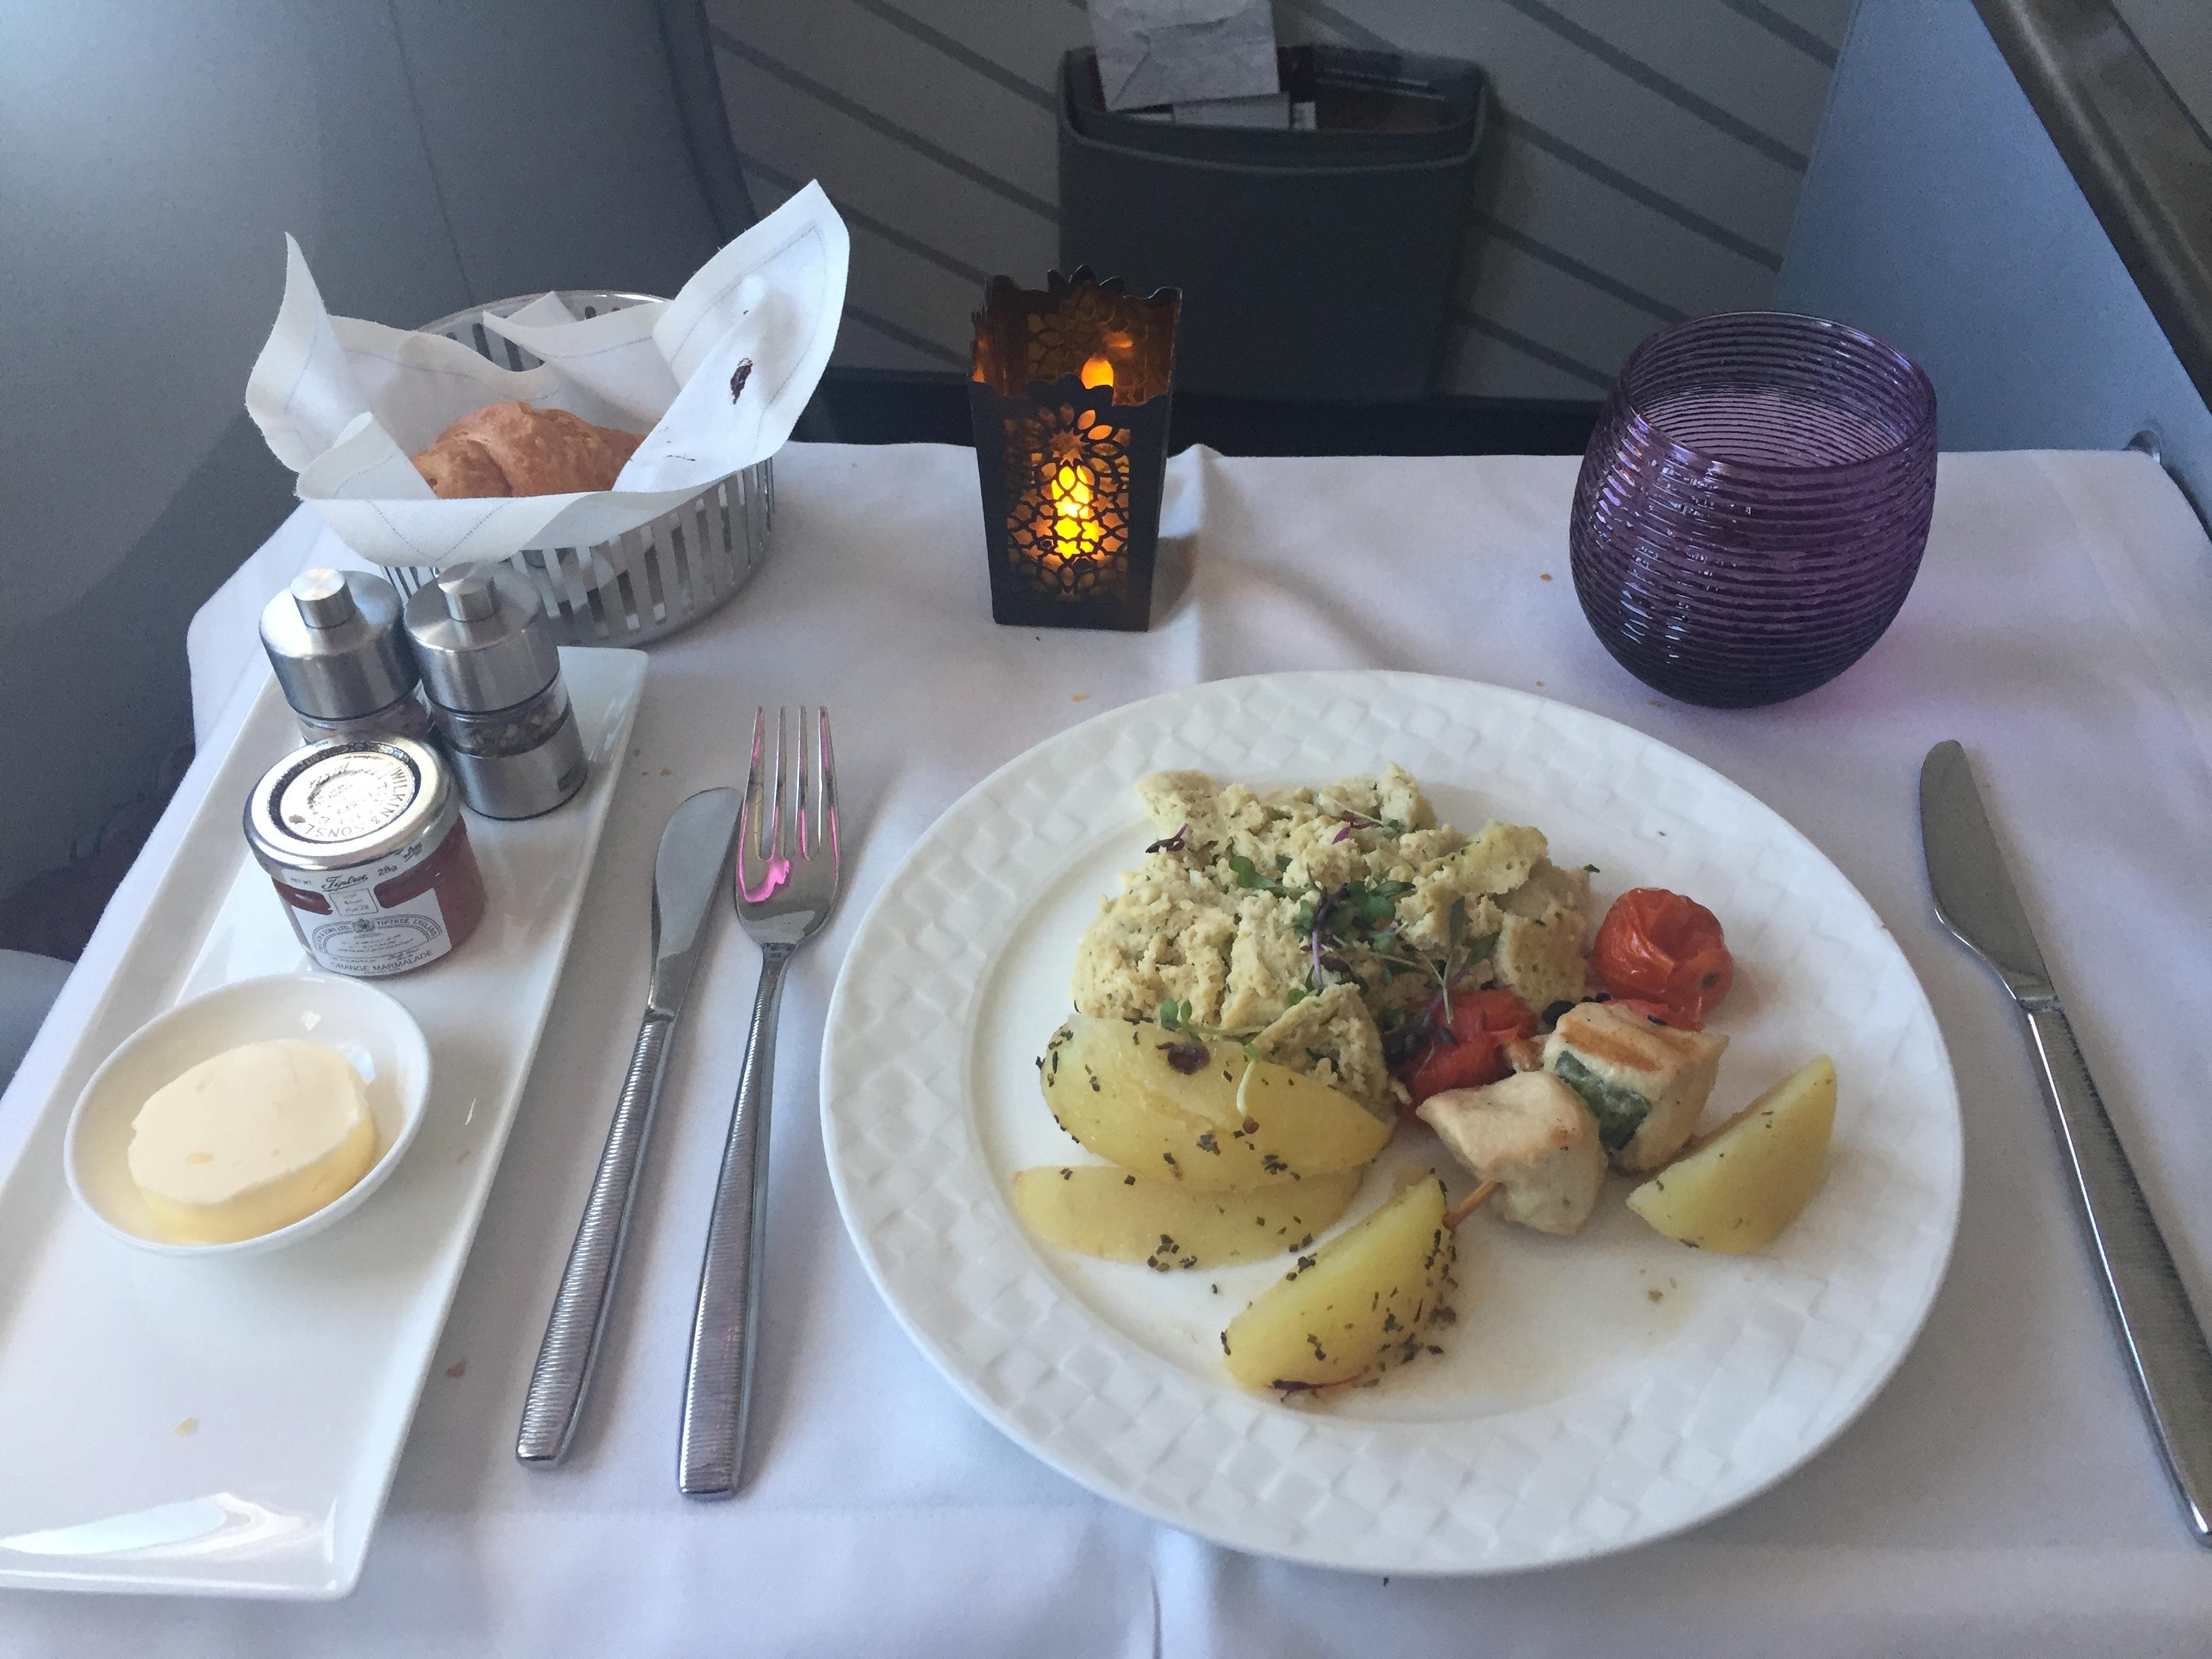 Jeg valgte røræg og kylling til morgenmad – serveret en time efter afgang med Qatar Airways-flyet. Foto: Danny Longhi Andreasen